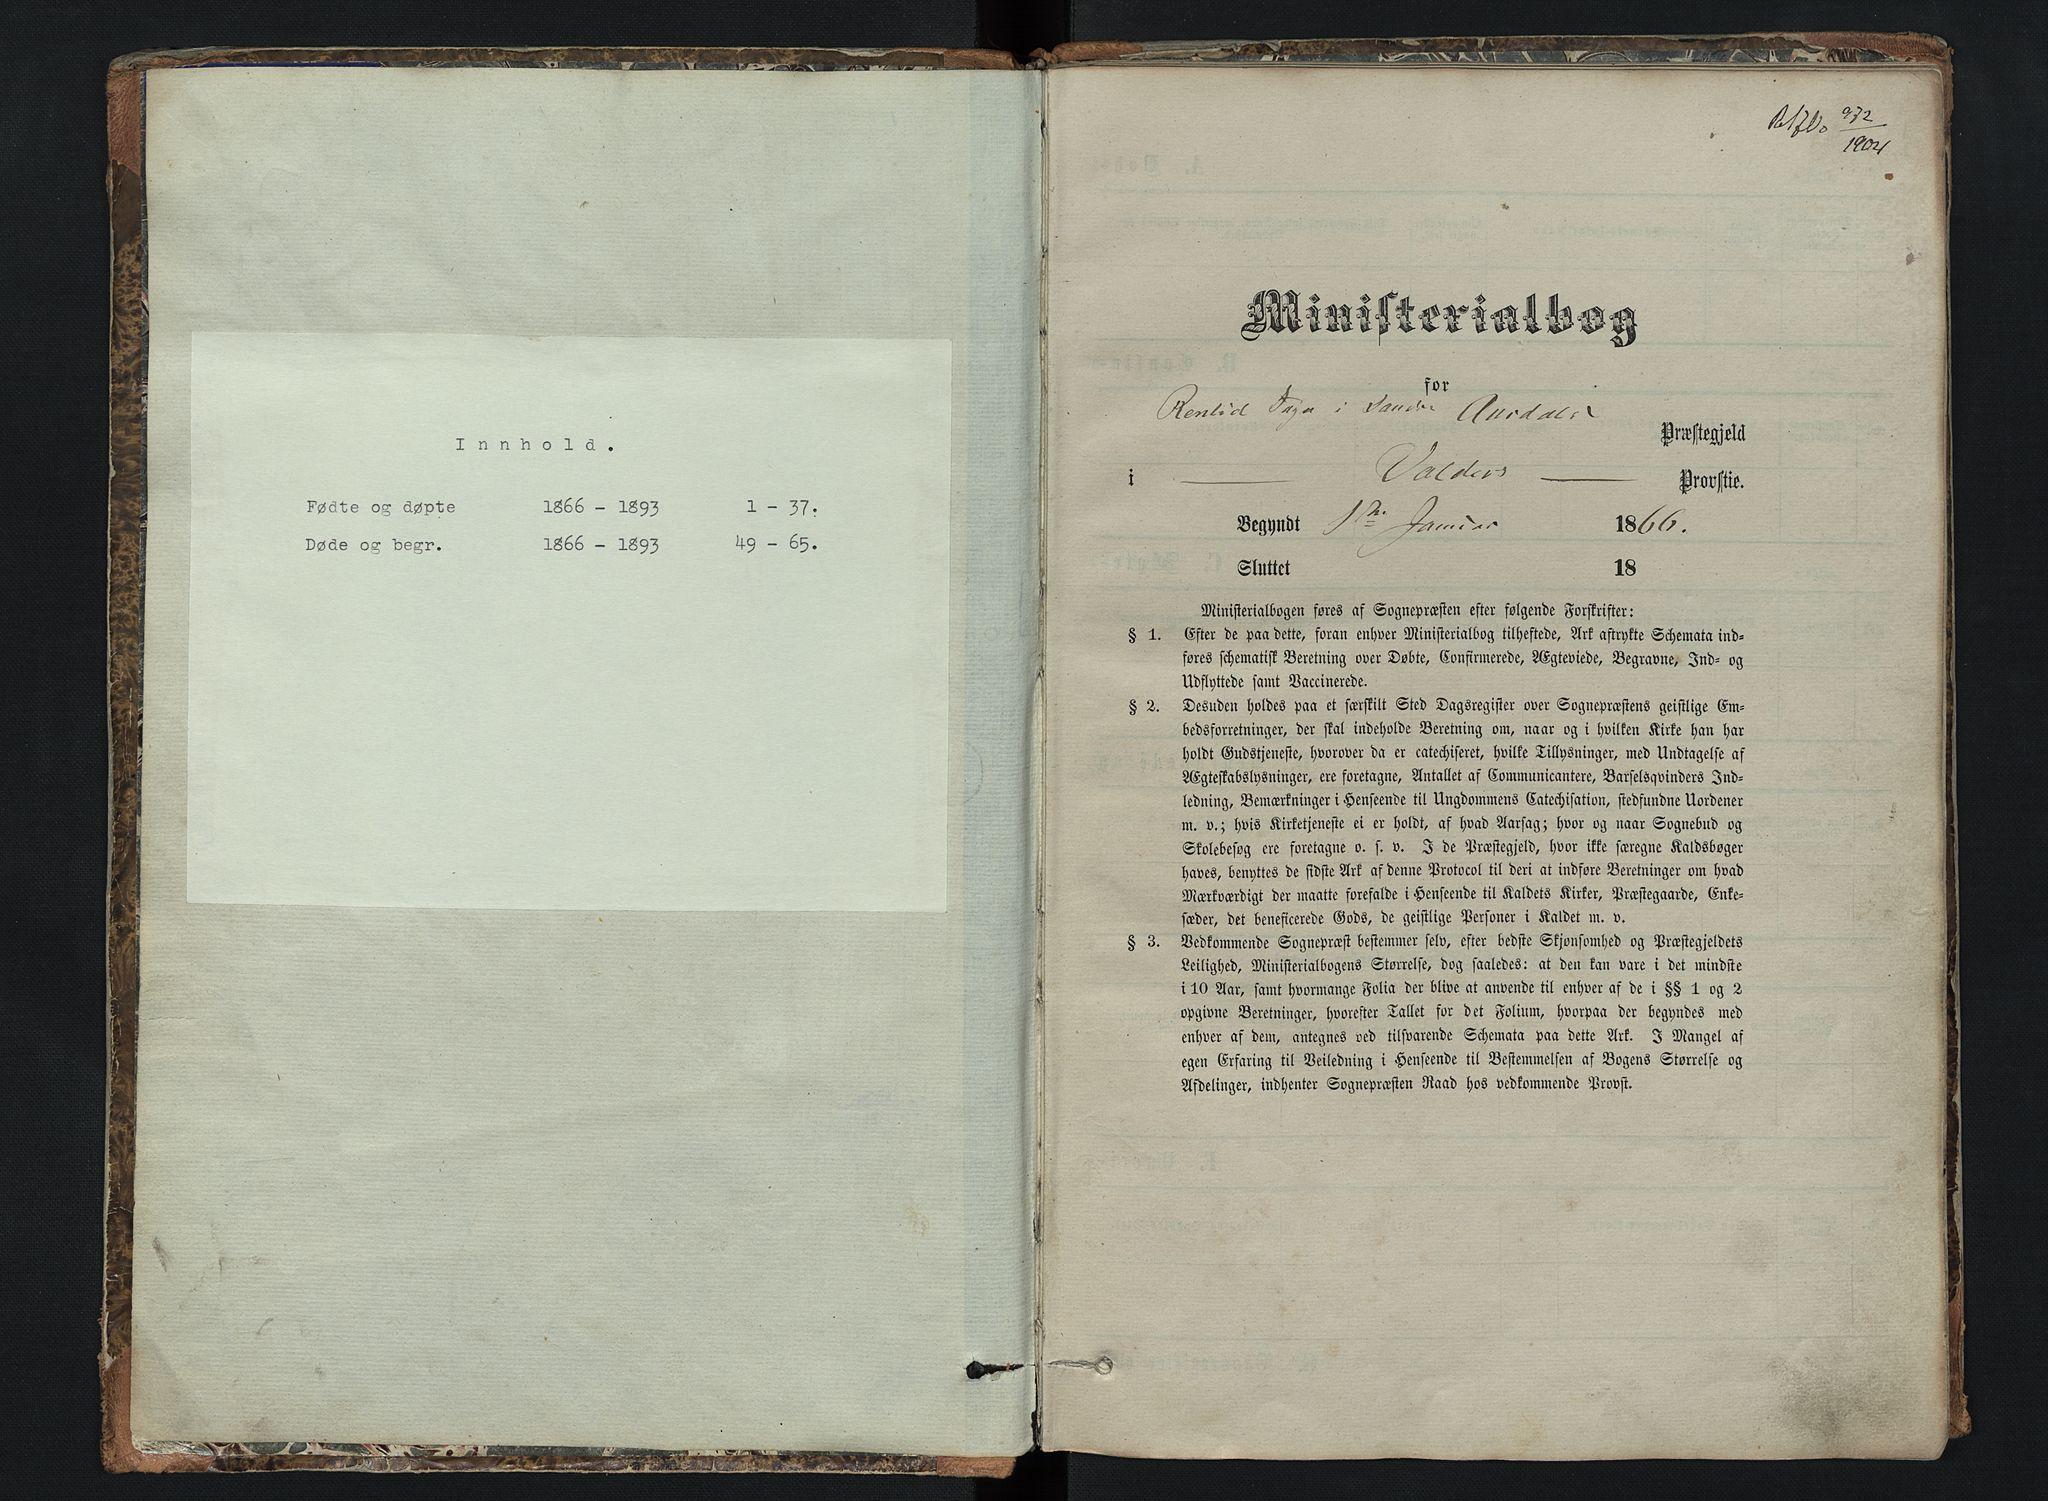 SAH, Sør-Aurdal prestekontor, Klokkerbok nr. 6, 1866-1893